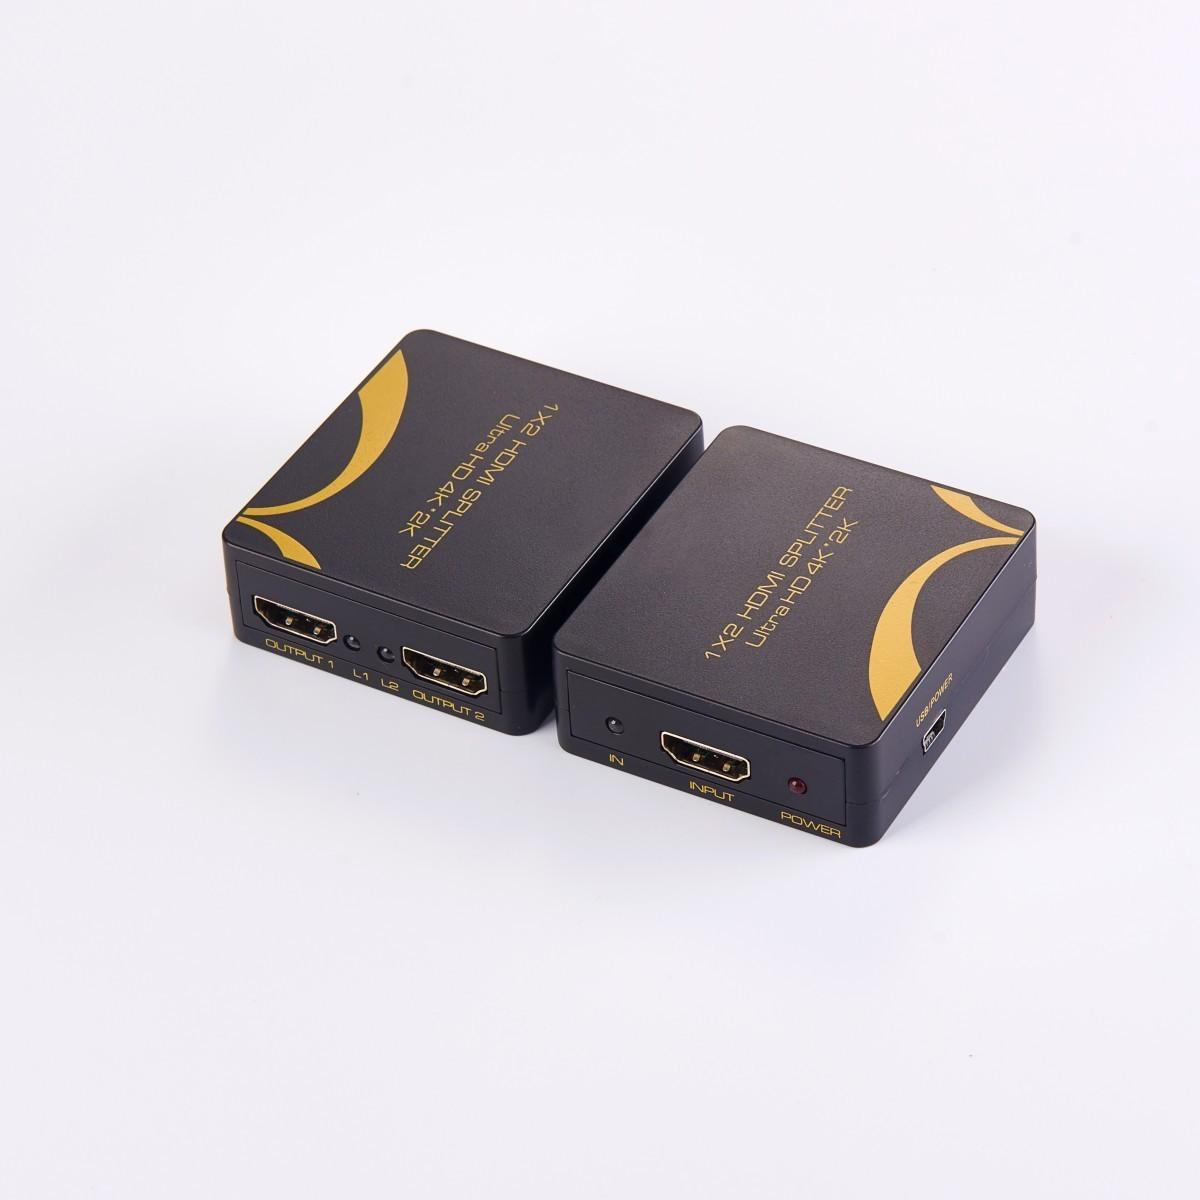 VOXLINK 4K*2K 1.4V1x2 HDMI Splitter